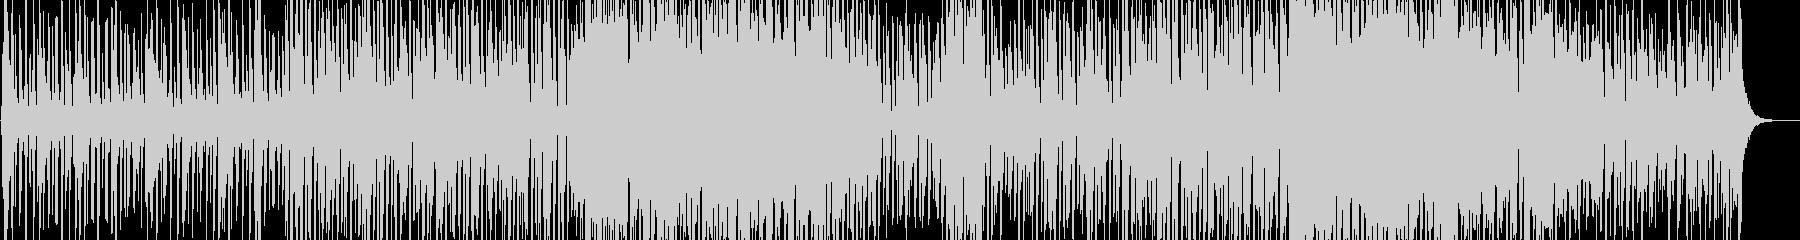 壮大 バンド スイング ポジティブ...の未再生の波形